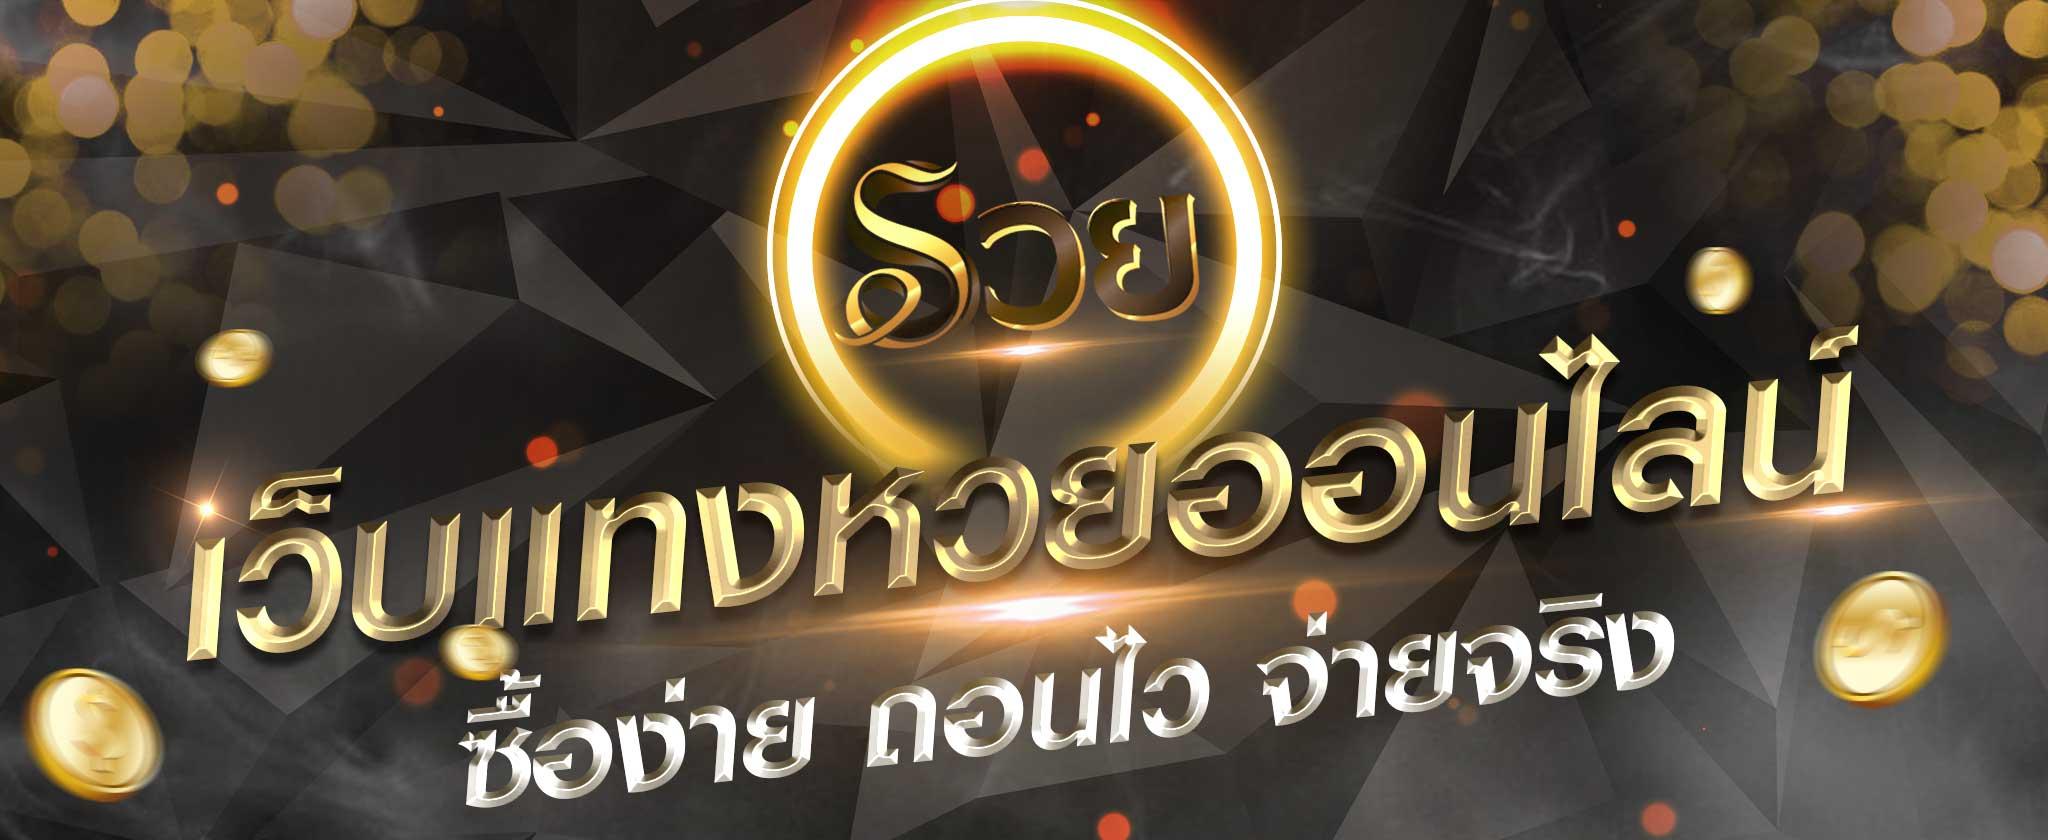 เว็บหวยรวยเว็บหวยไทยที่คนนิยมเล่น